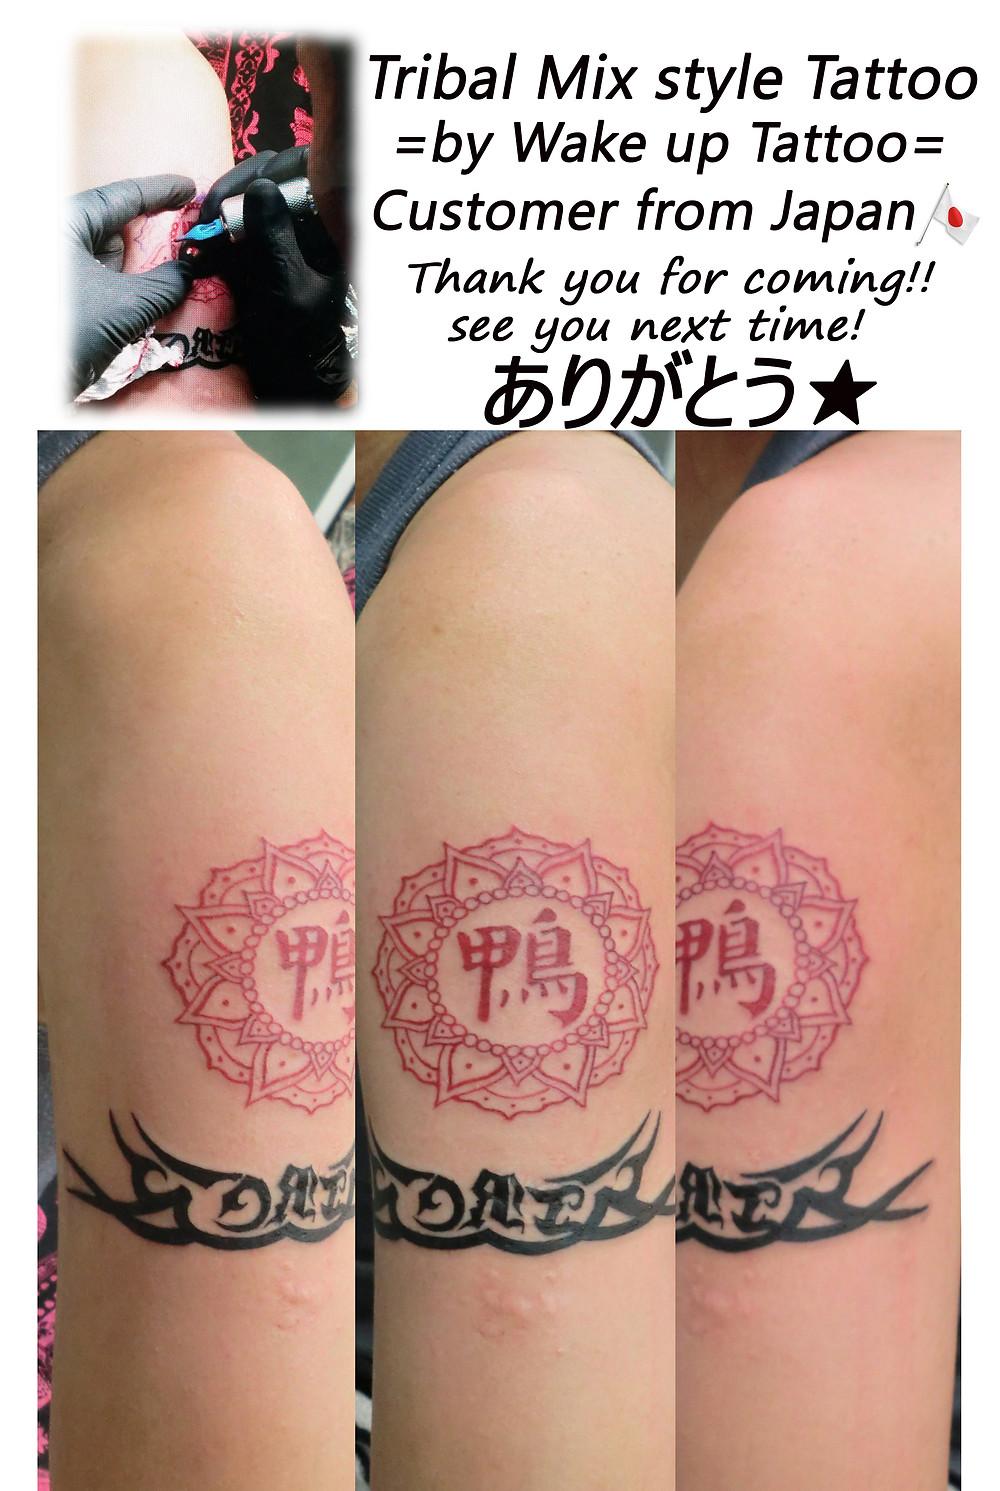 Tribal mix style Tattoo by Wake up Tattoo Phuket